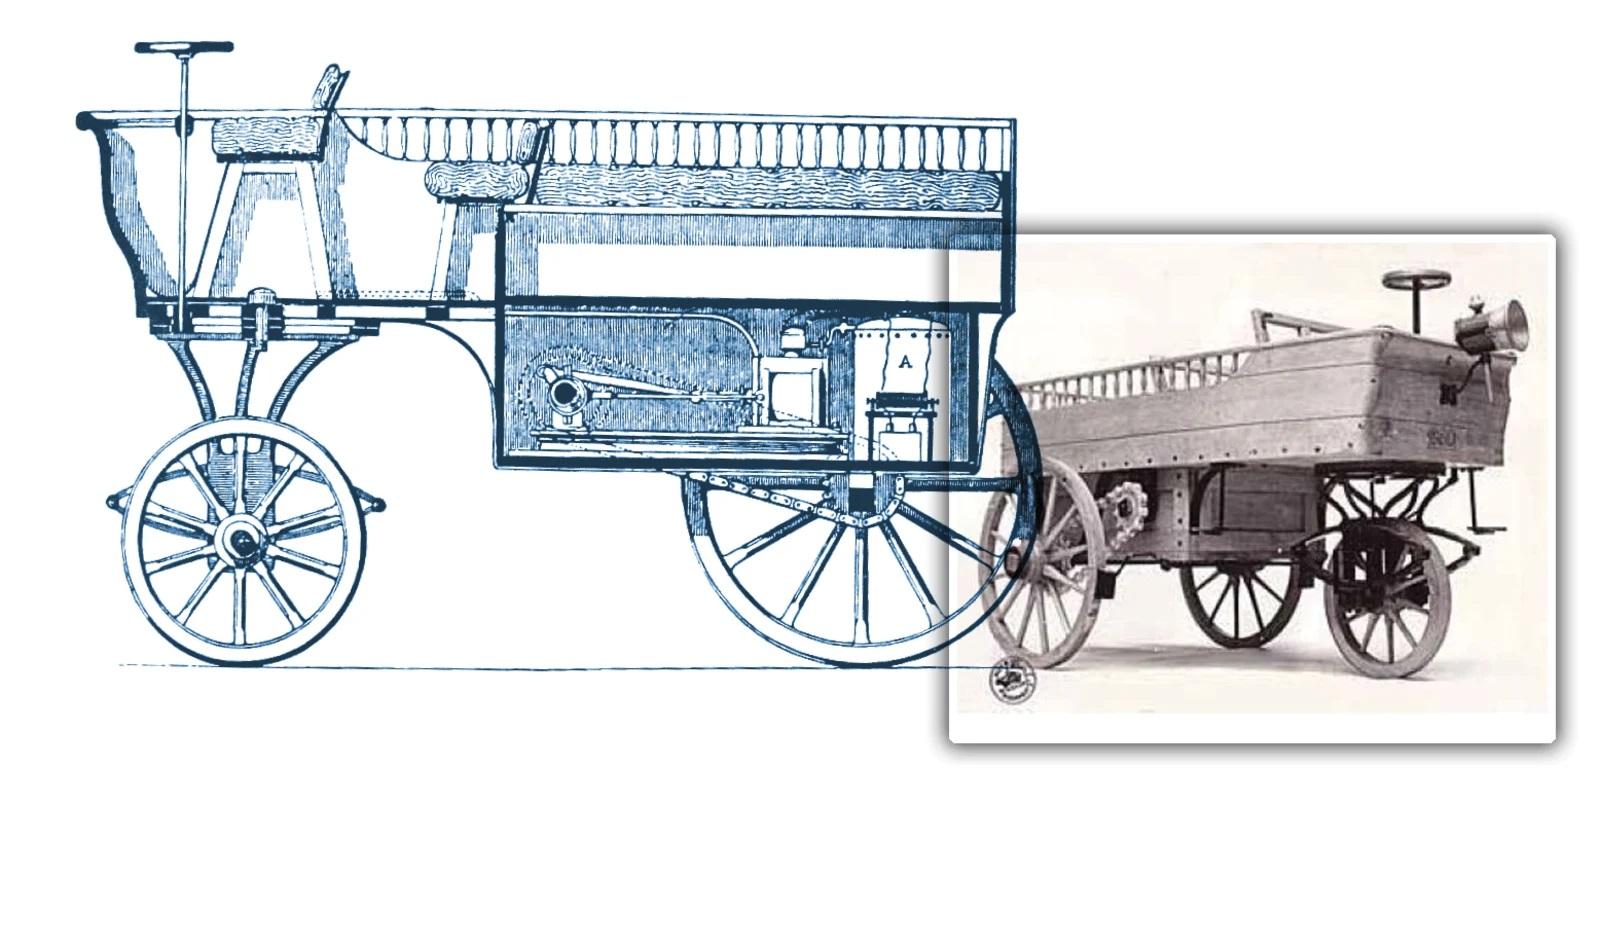 1863 Lenoir Hippomobile